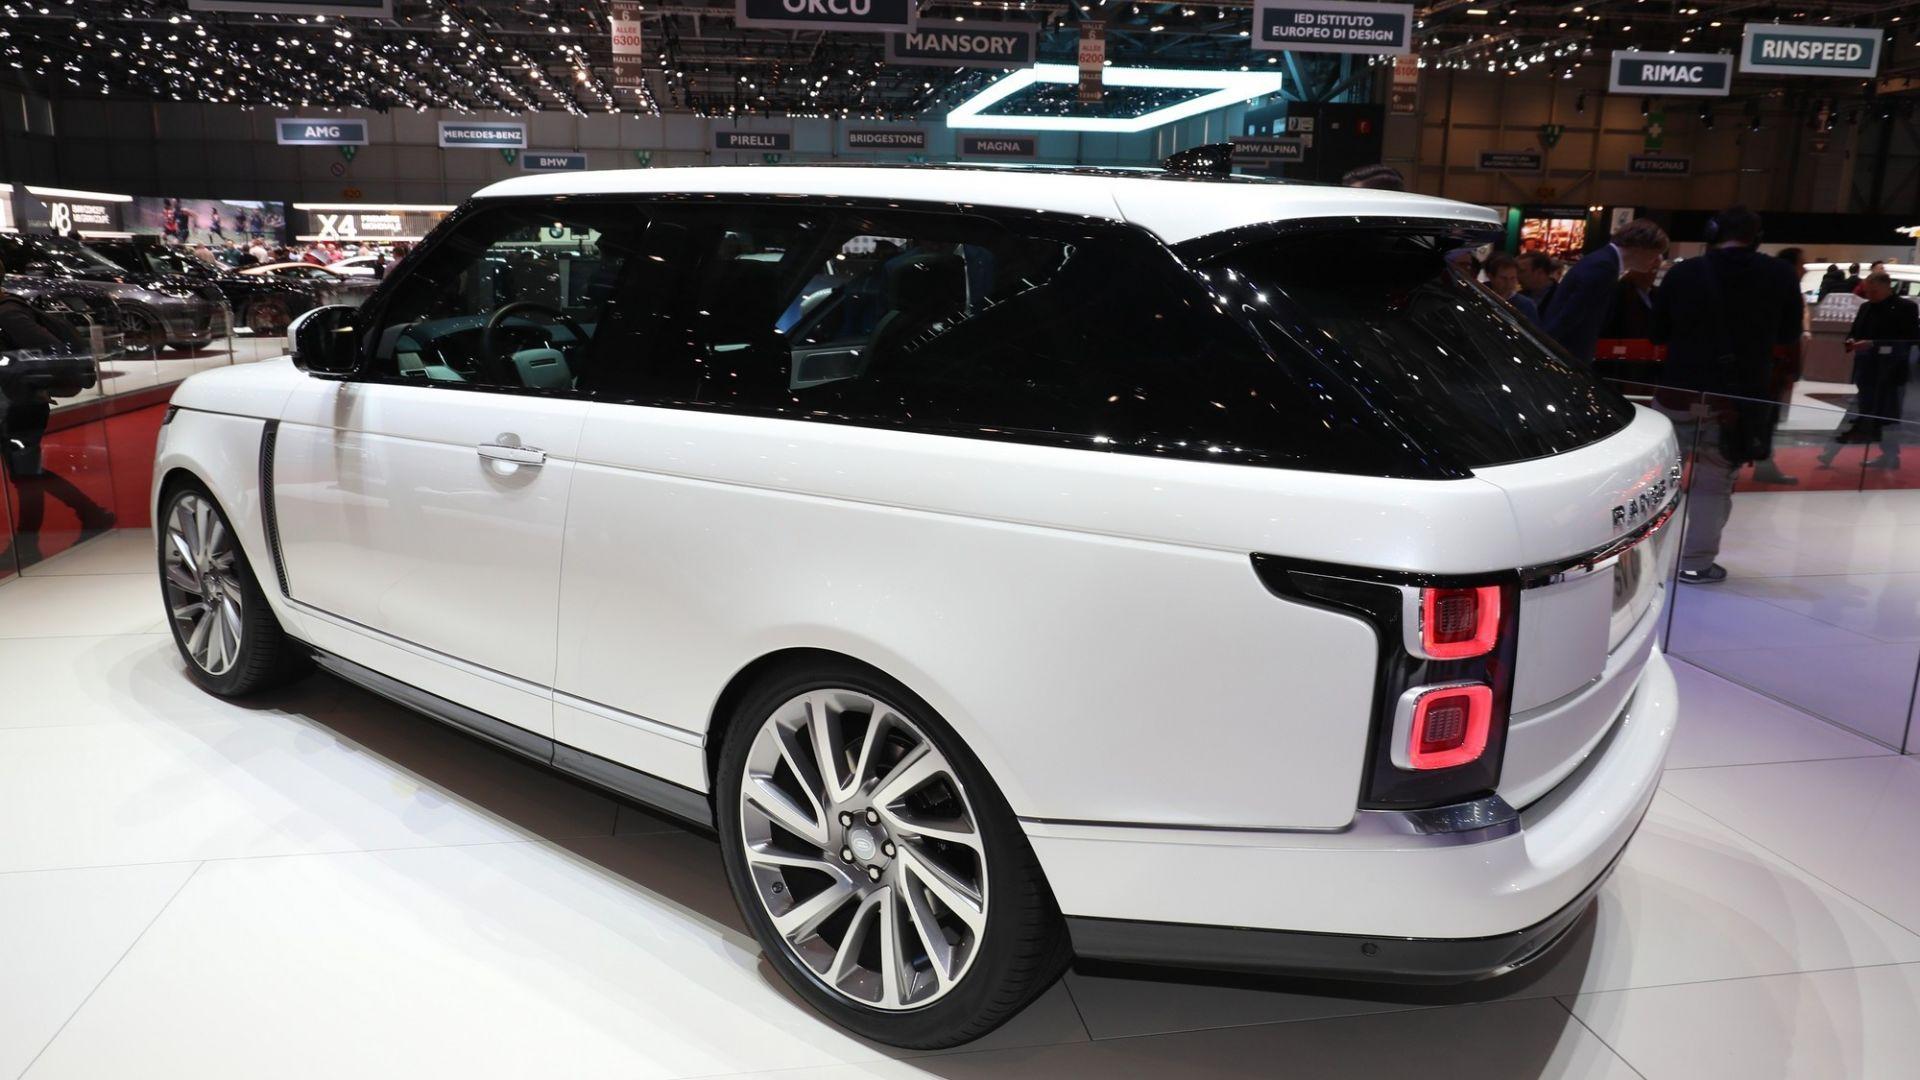 Range Rover Suv >> 10 novità SUV in arrivo dal Salone di Ginevra 2018 - MotorBox